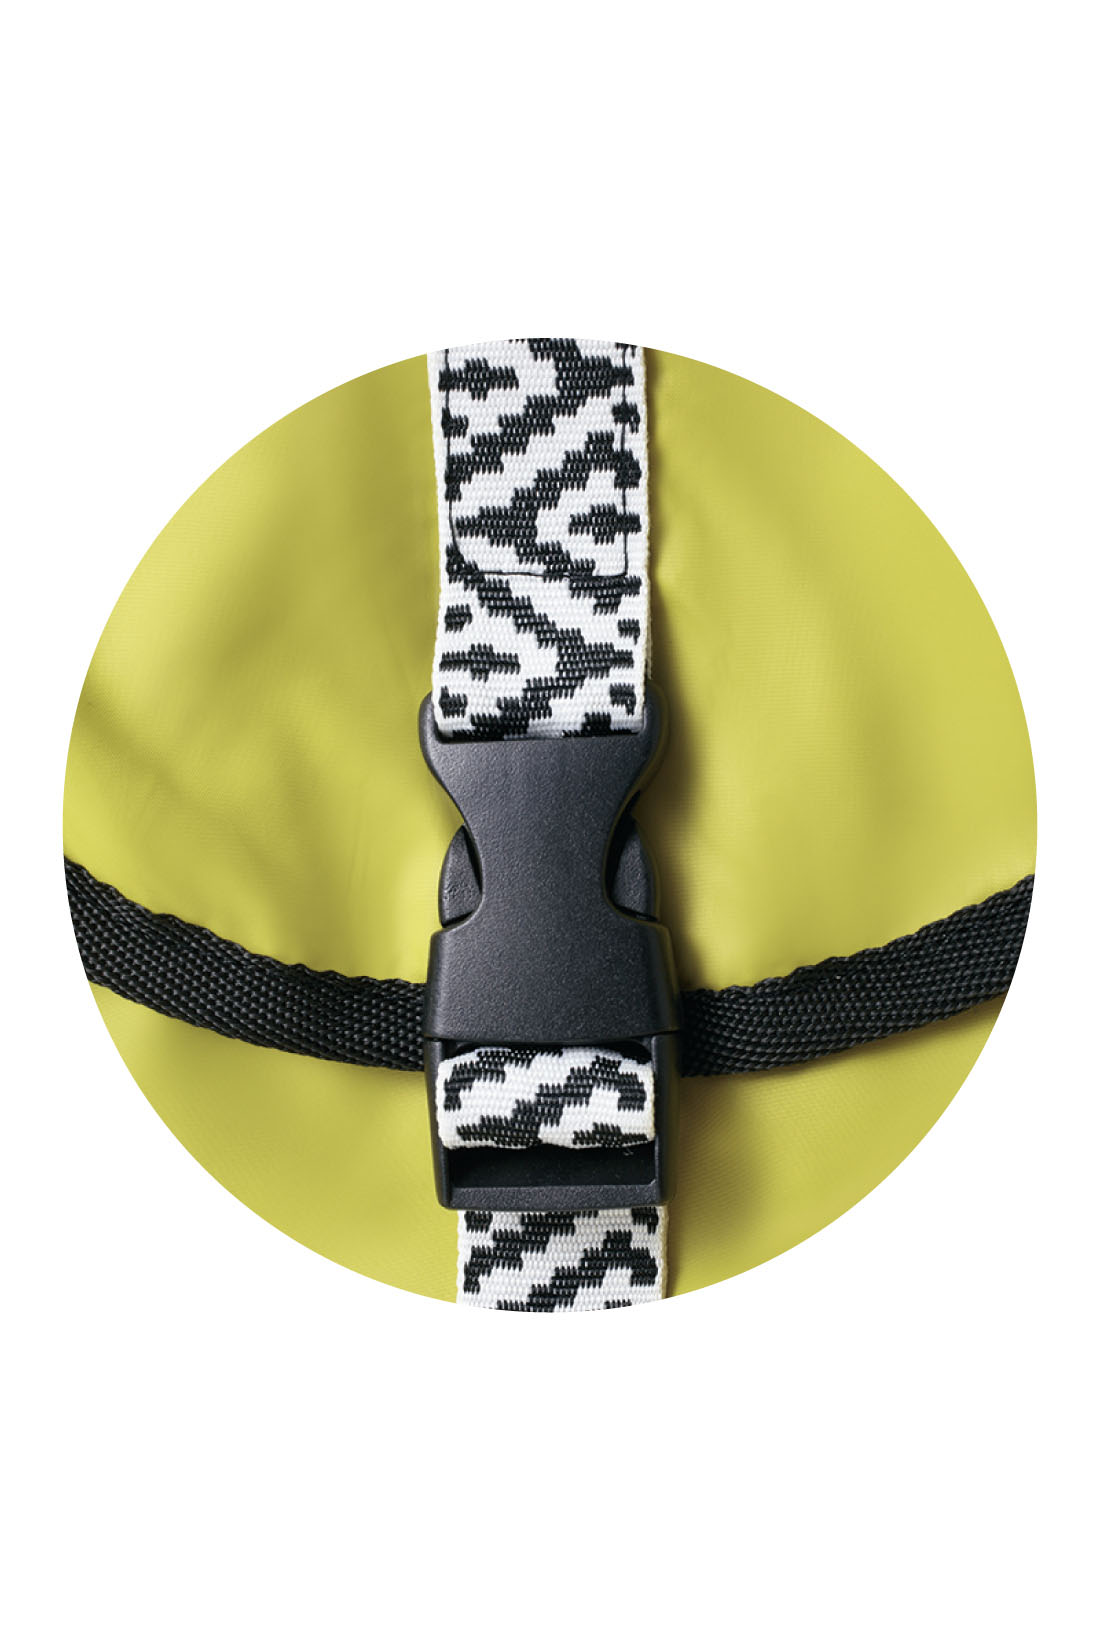 おしゃれな配色に、チロリアンテープ風のベルトがポイント。 ※お届けするカラーとは異なります。